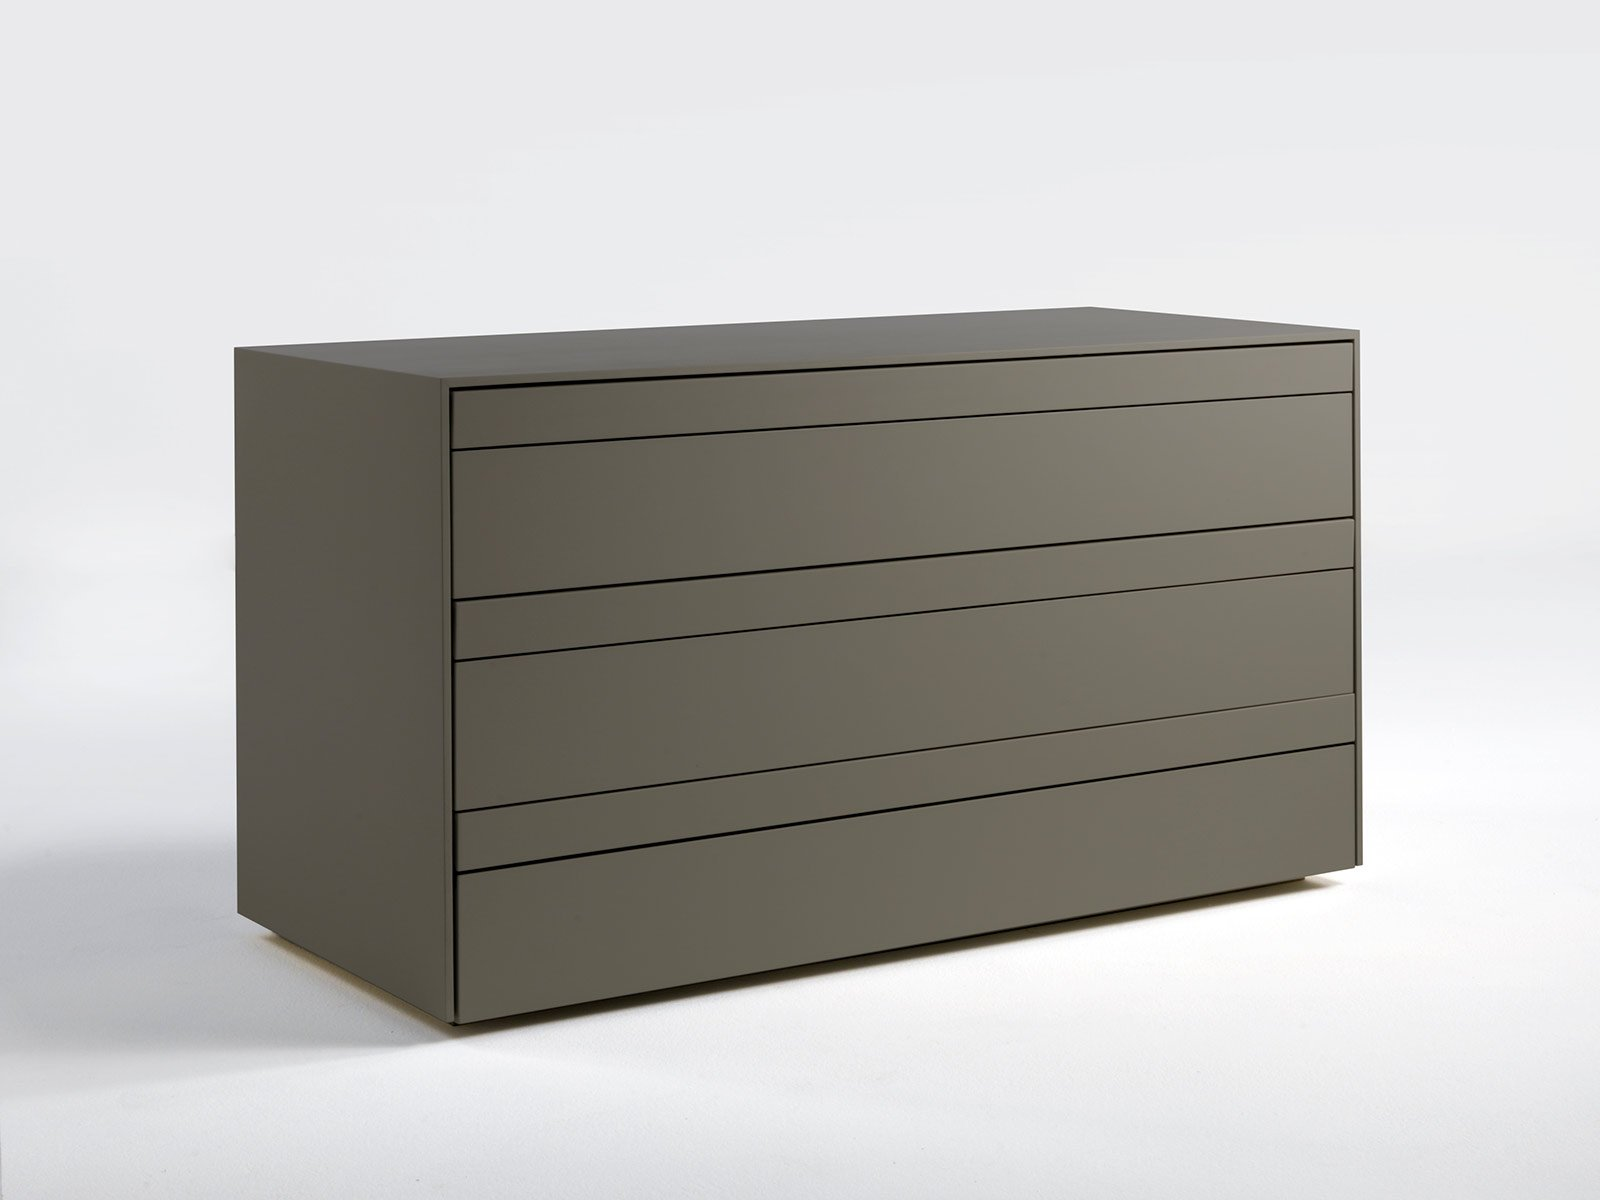 Cassettiera Larghezza 50 Cm.Cassettiere Per Tutti Gli Spazi Cose Di Casa